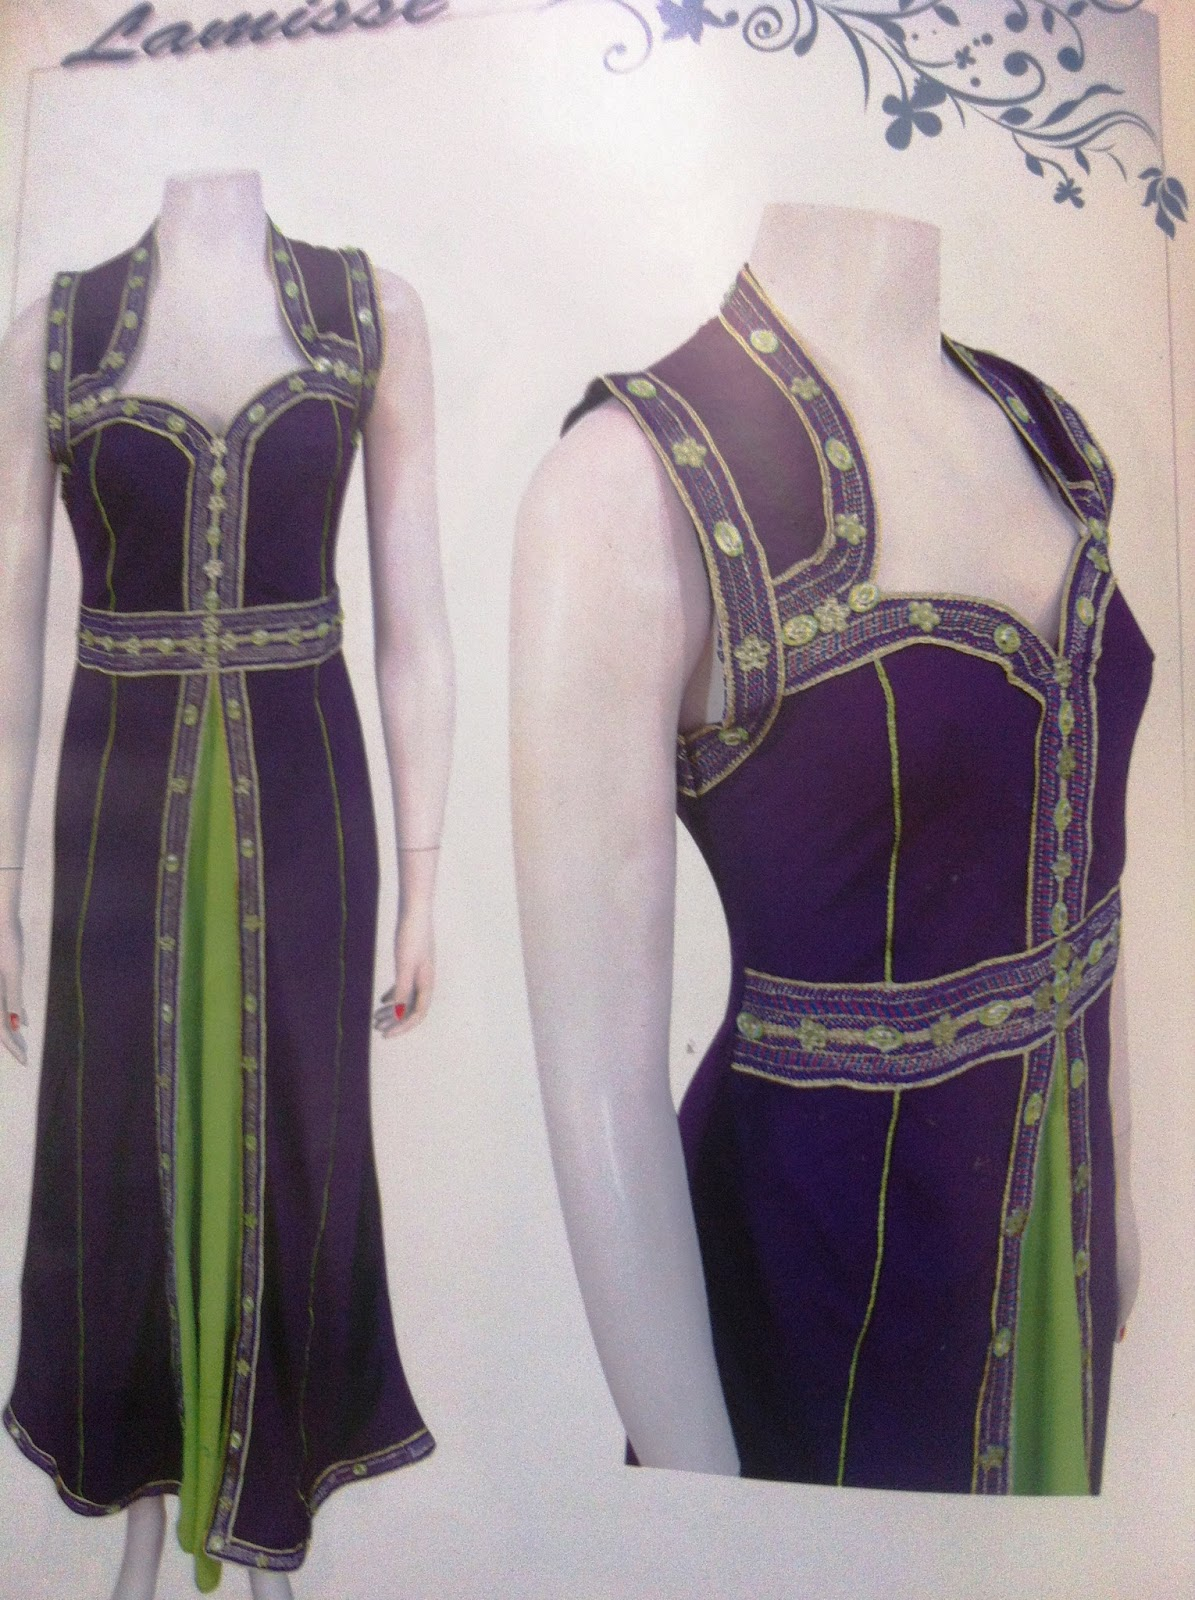 Les Modeles Des Robes De Katifa En Algerie 2014 Hiver | Review Ebooks